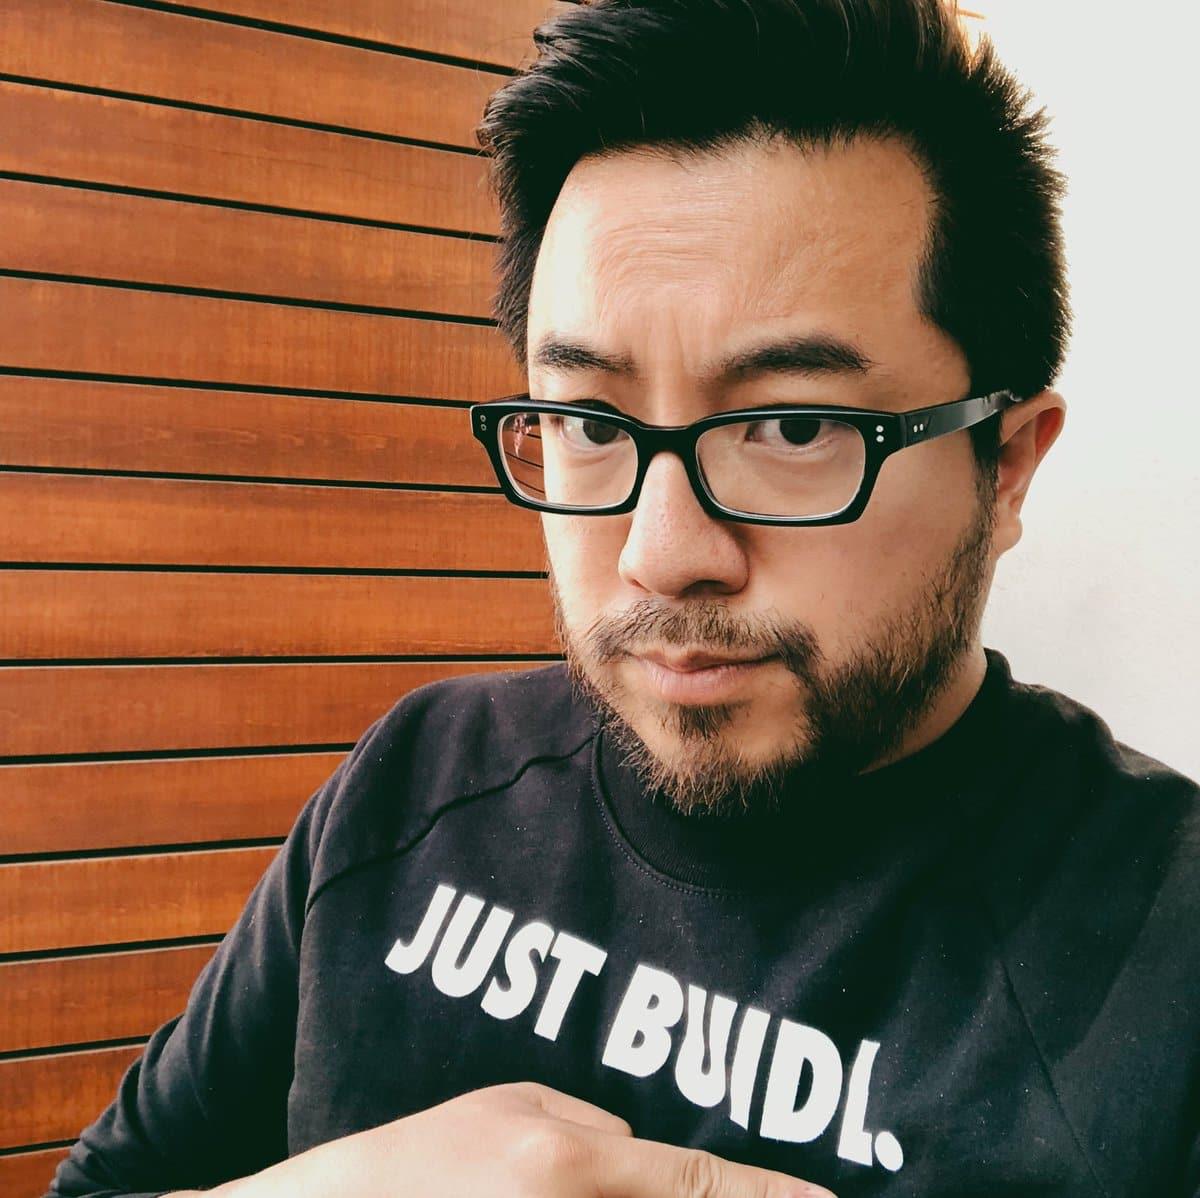 Garry Tan